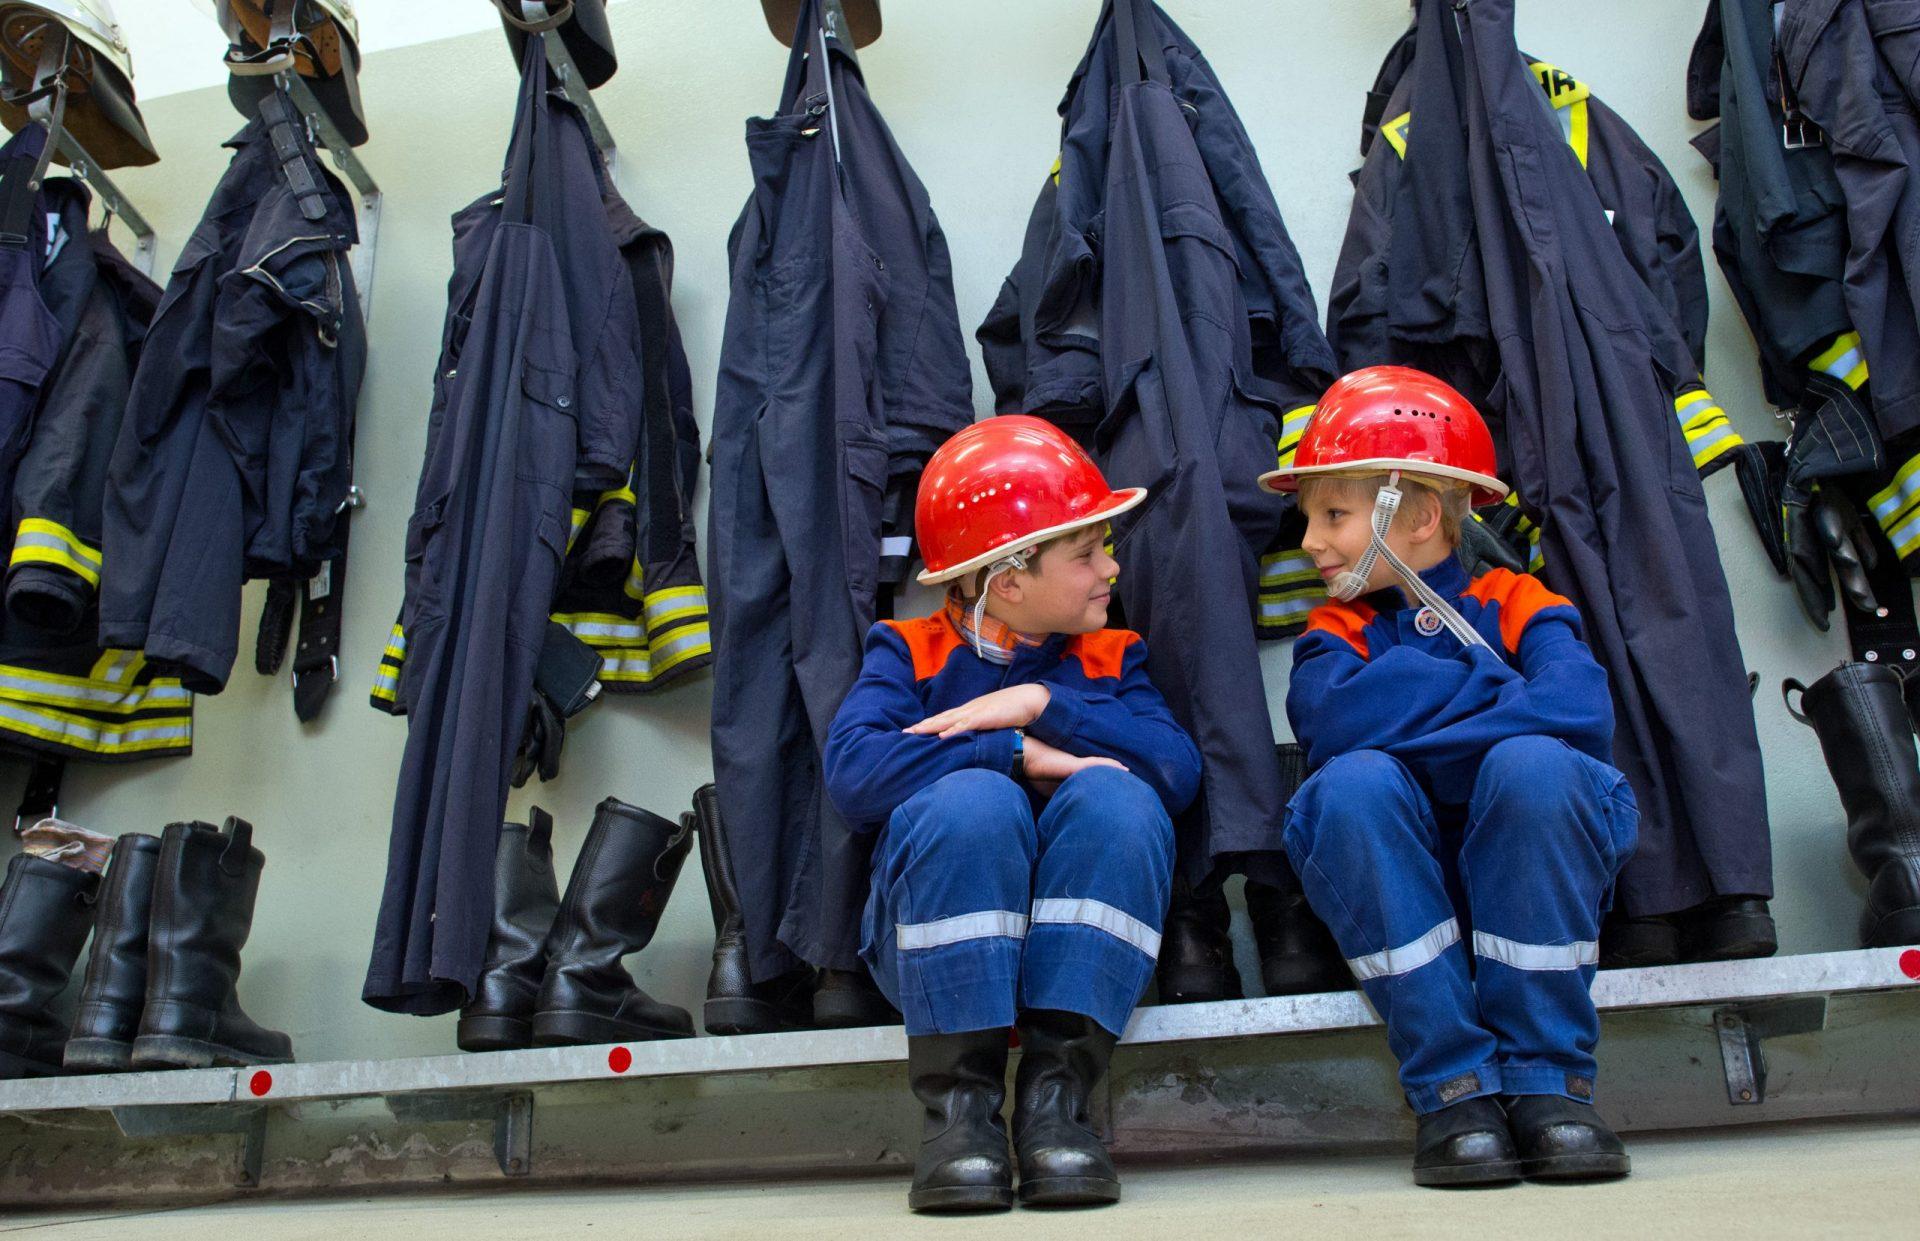 Nachwuchs für die Feuerwehr - zwei Kinder in Feuerwehr-Anzügen sitzen in der Garderobe vor Feuerwehrjacken